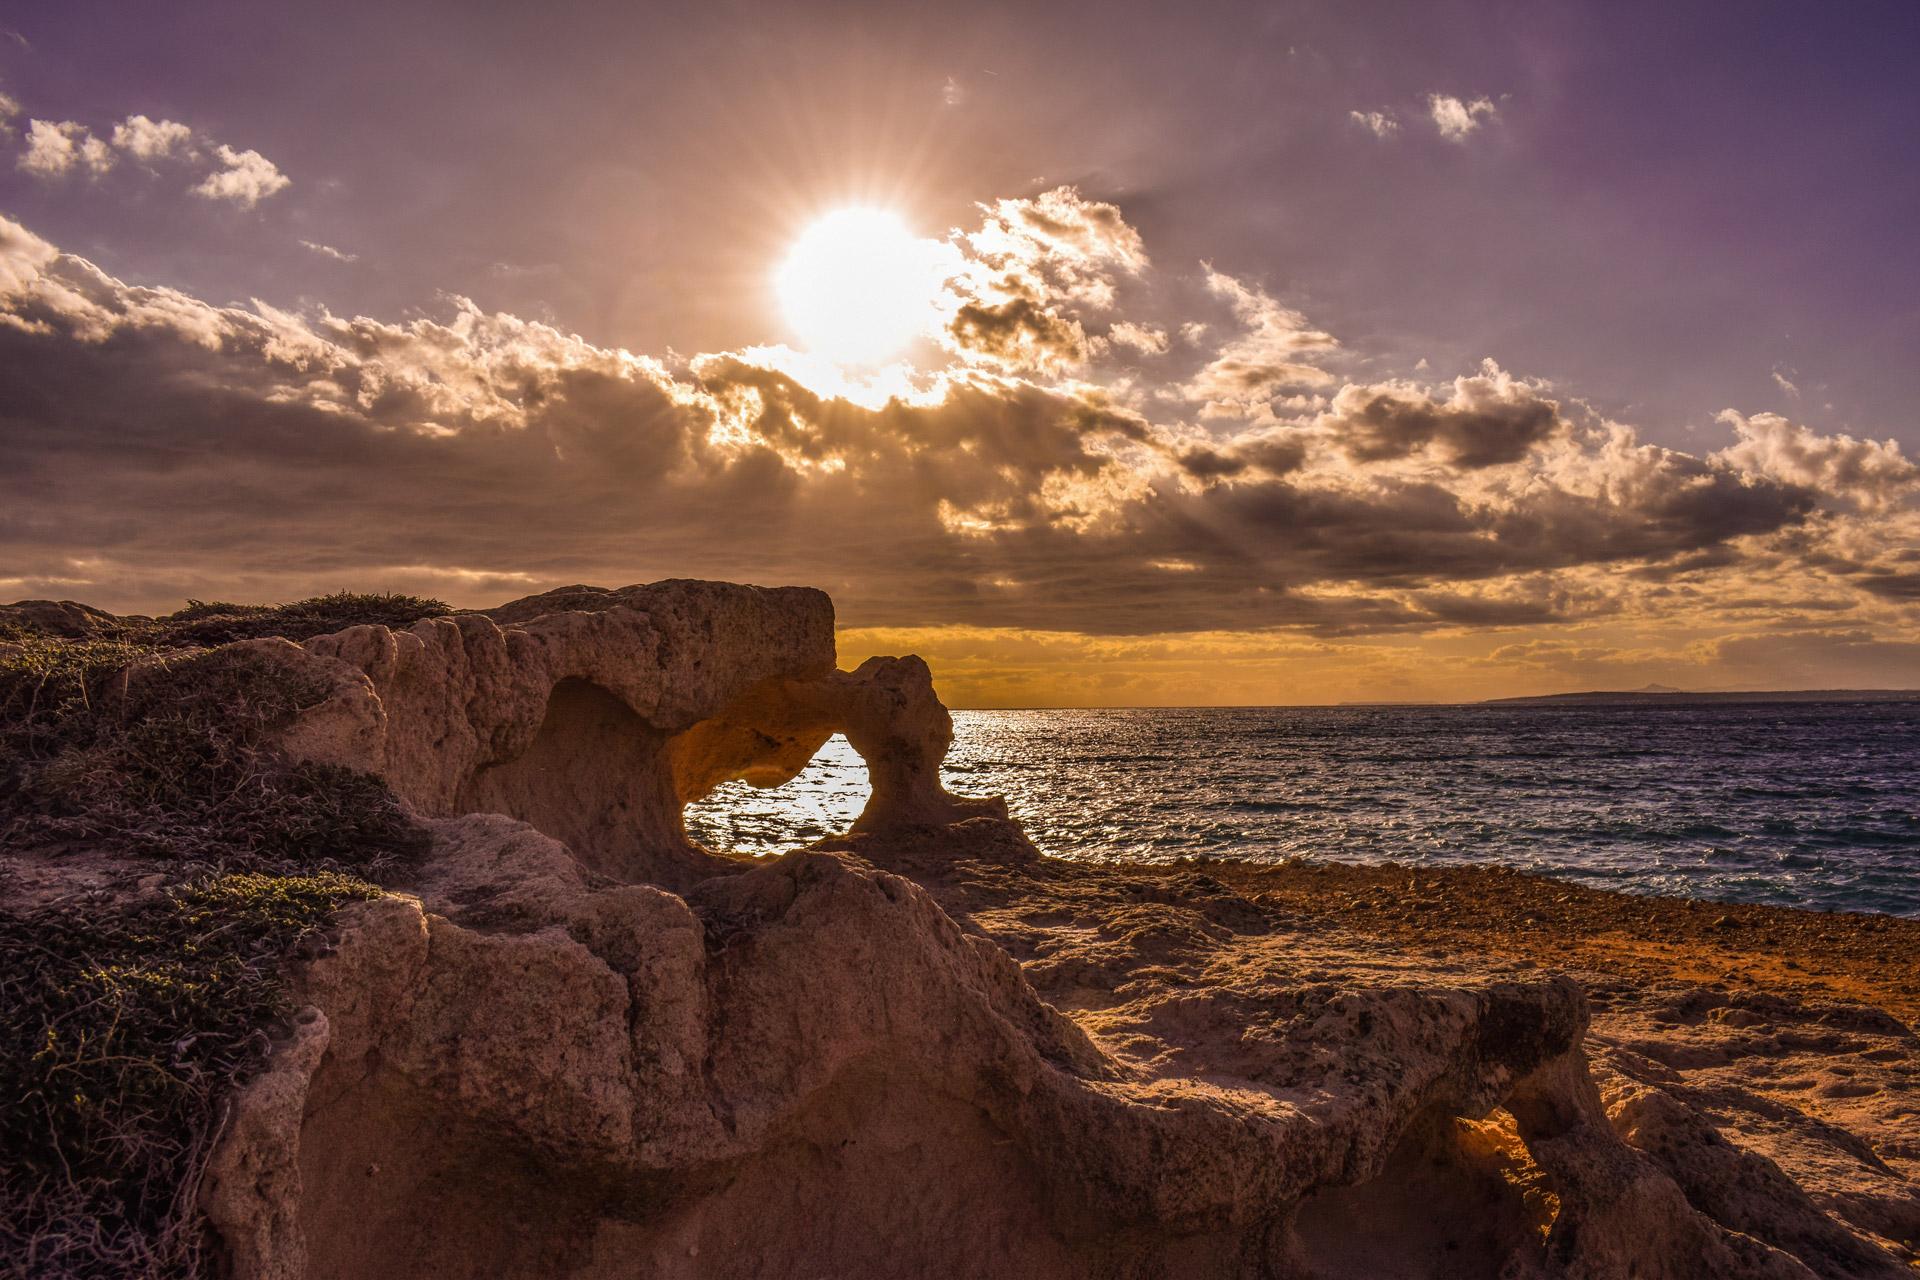 Cyprus Rock - Amricha